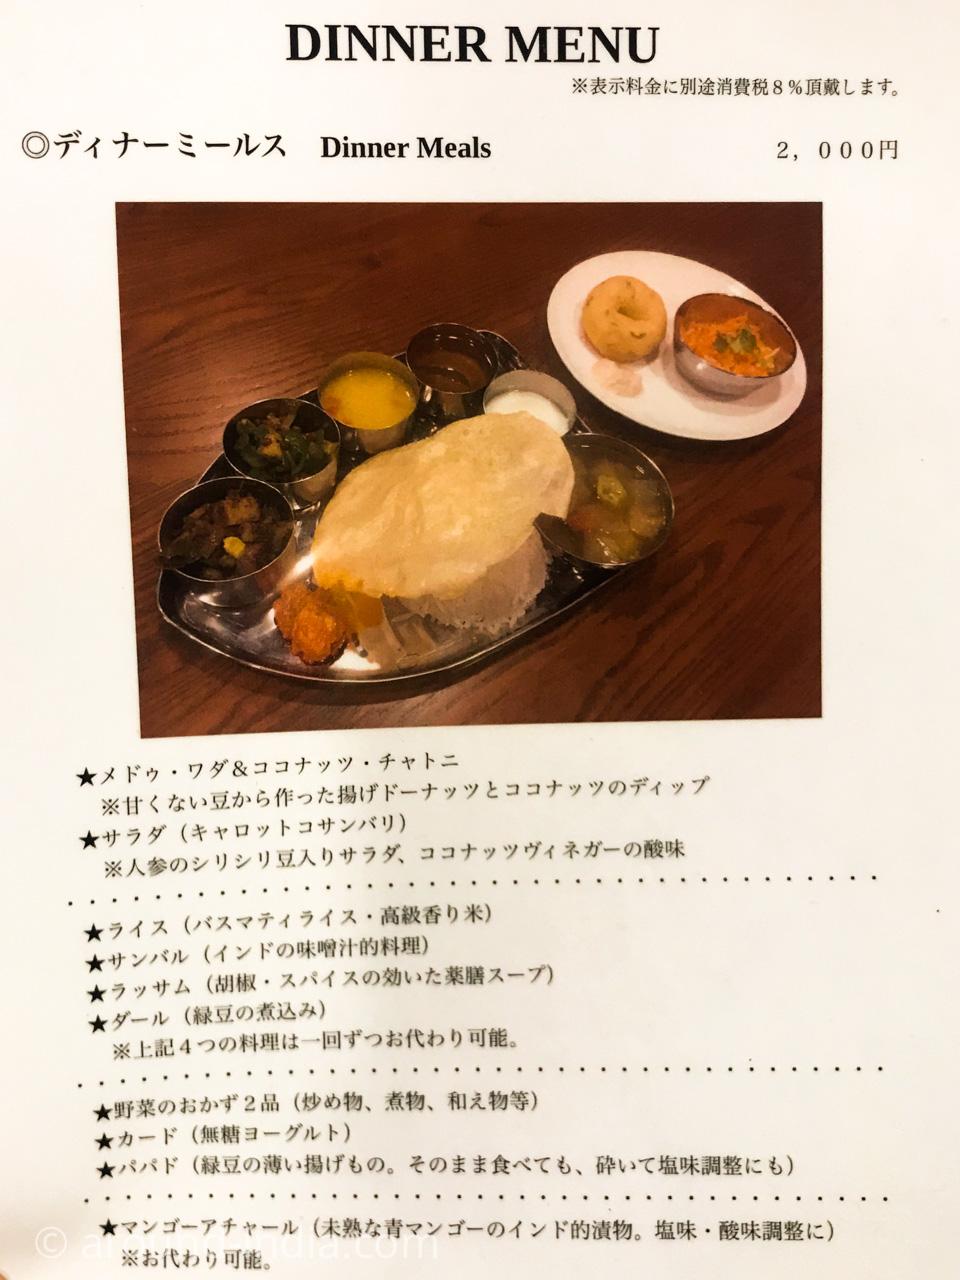 西荻窪とら屋食堂のディナーメニュー